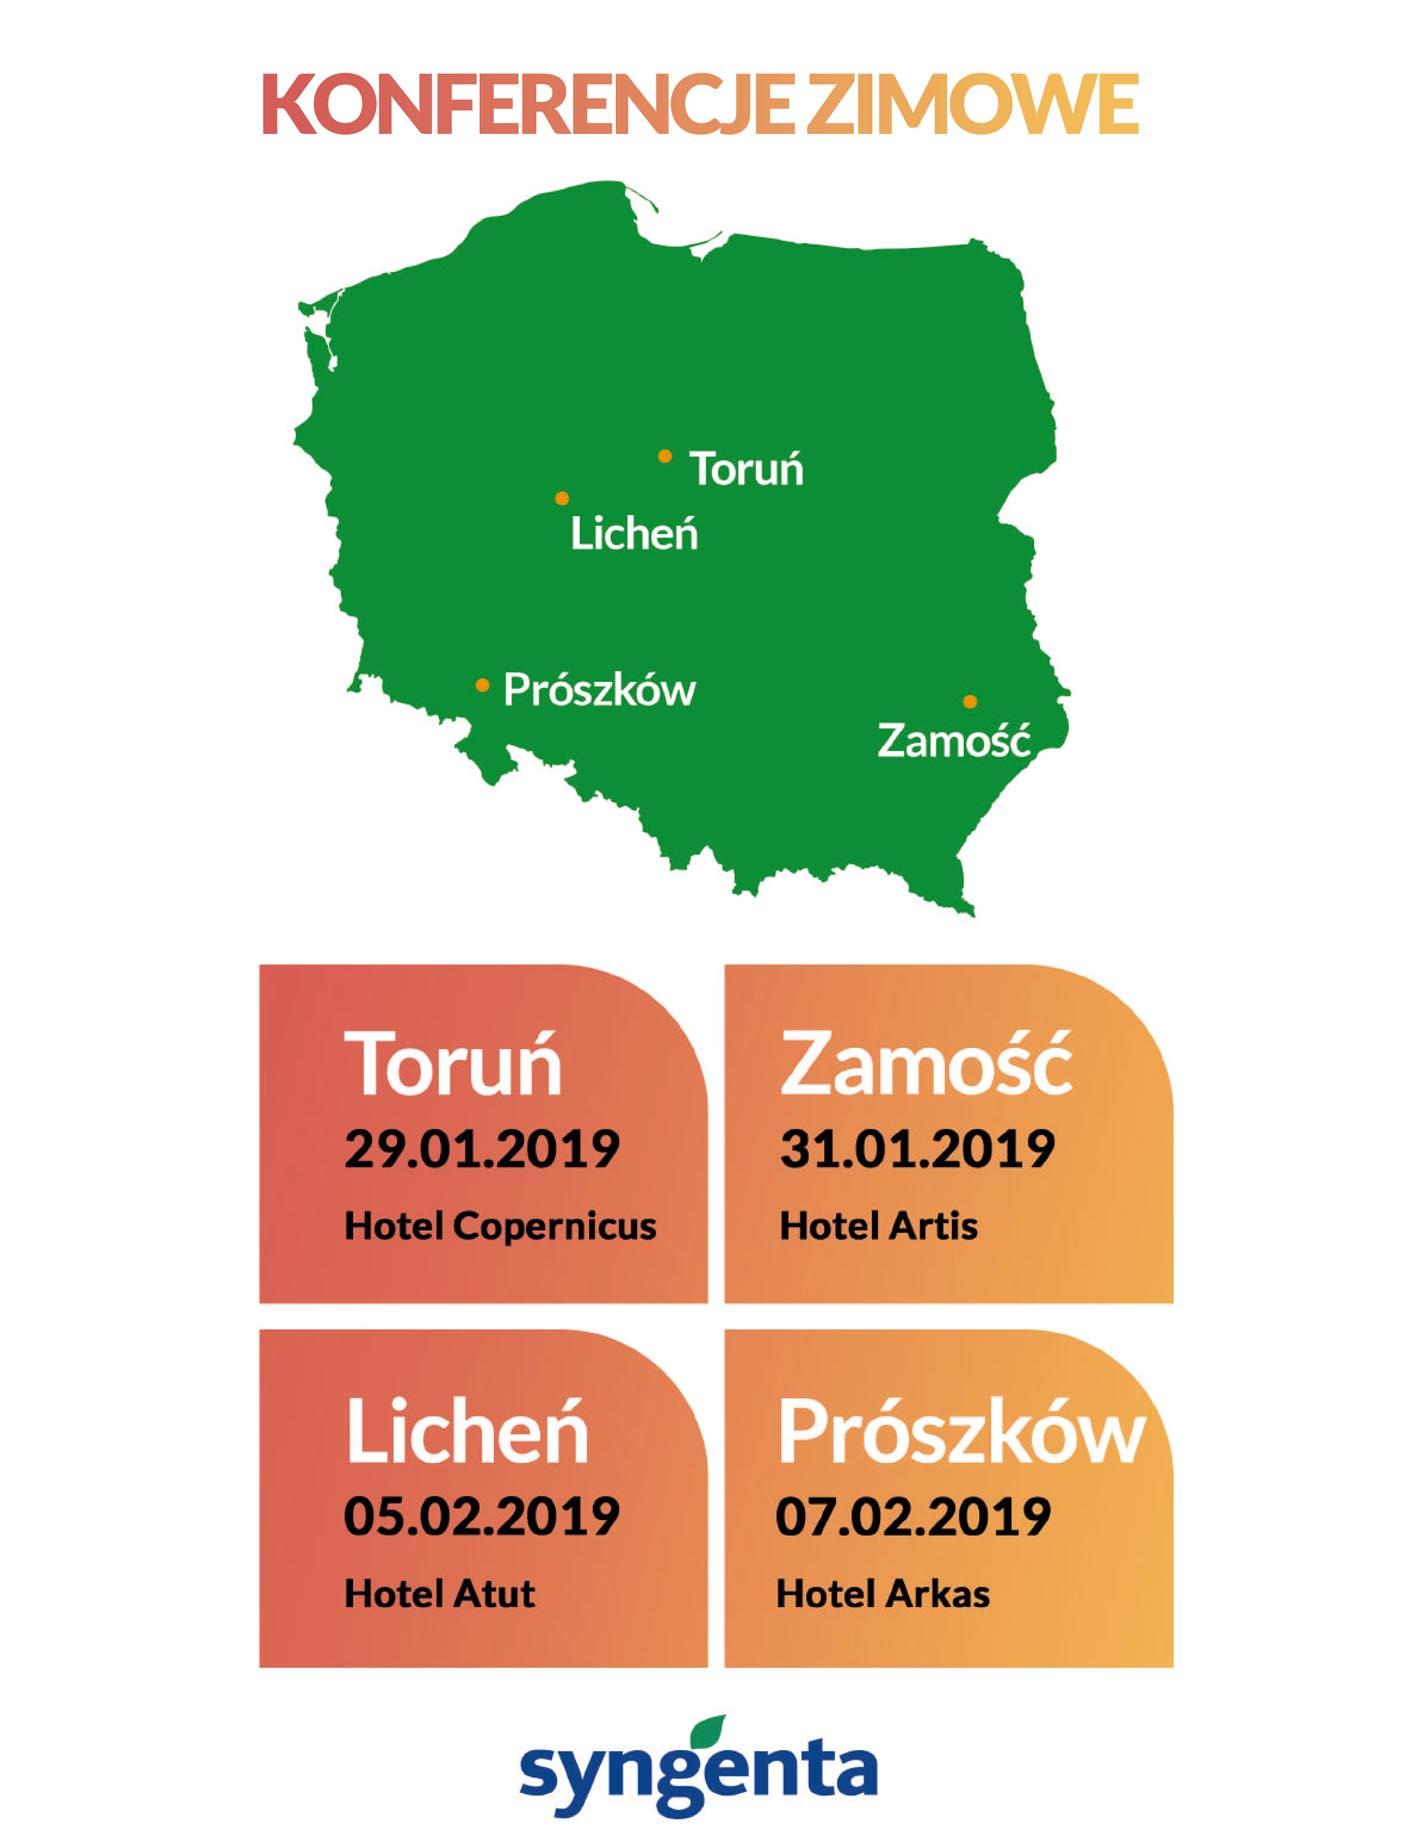 Konferencje Zimowe Syngente 2019